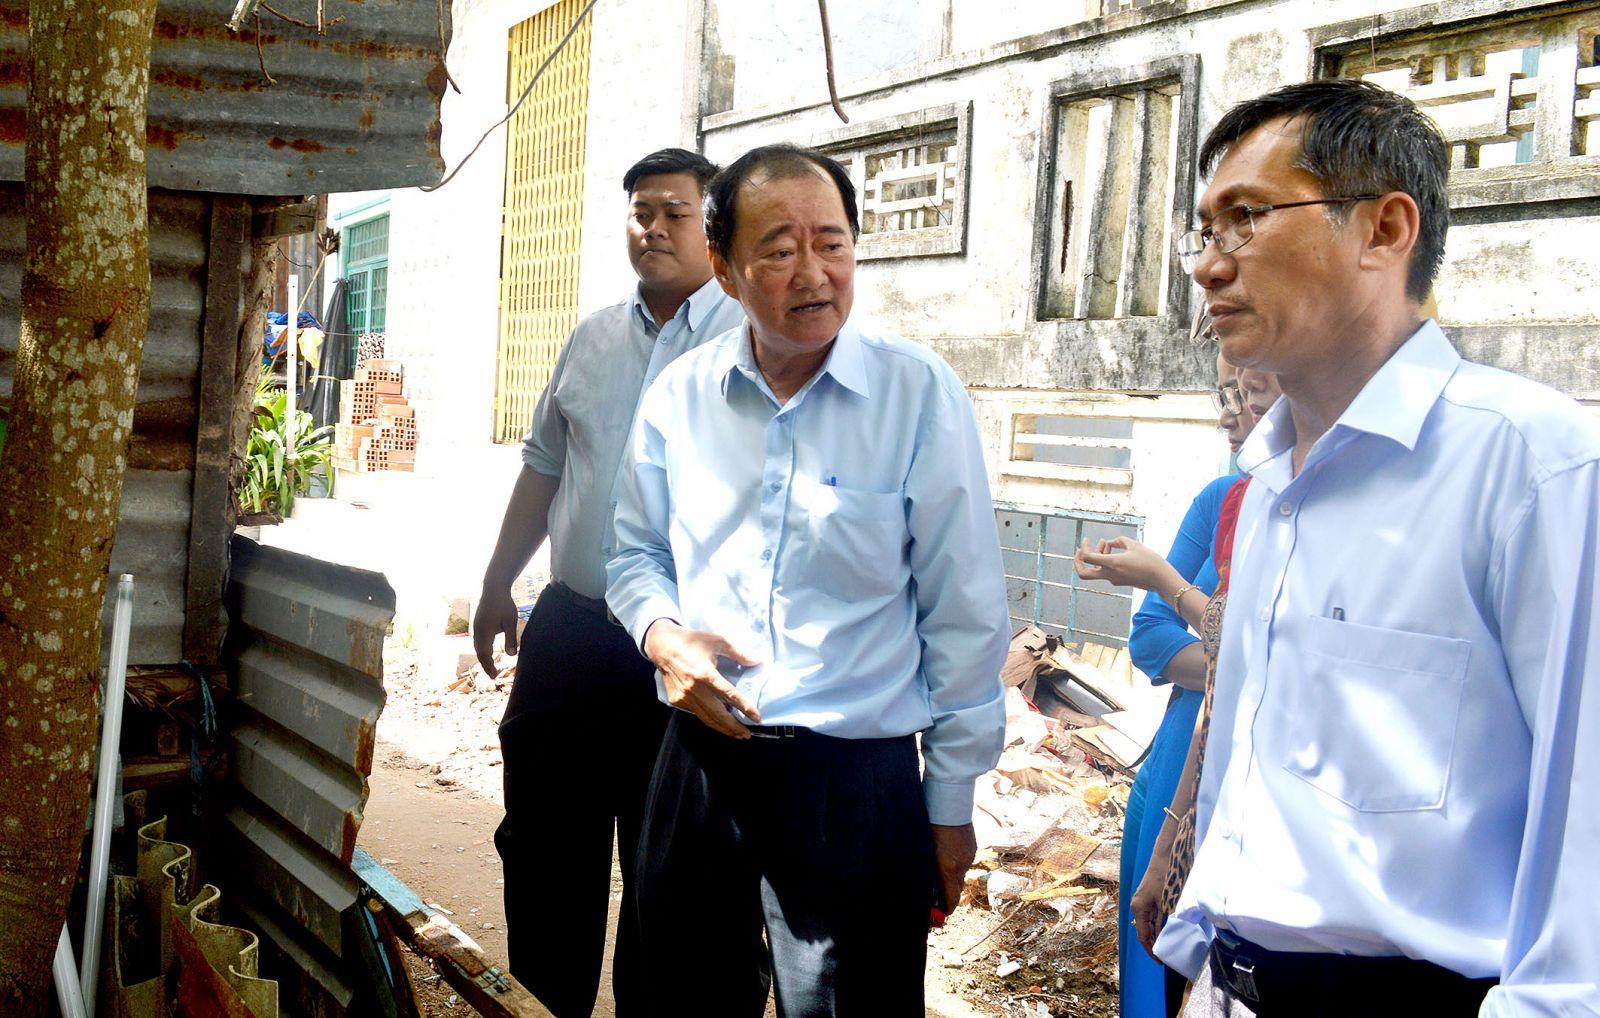 Ông Nguyễn Trung nghĩa, Phó Giám đốc Sở Y tế (thứ hai, bên trái)  kiểm tra thực địa công tác phòng, chống SXH tại quận Ninh Kiều.